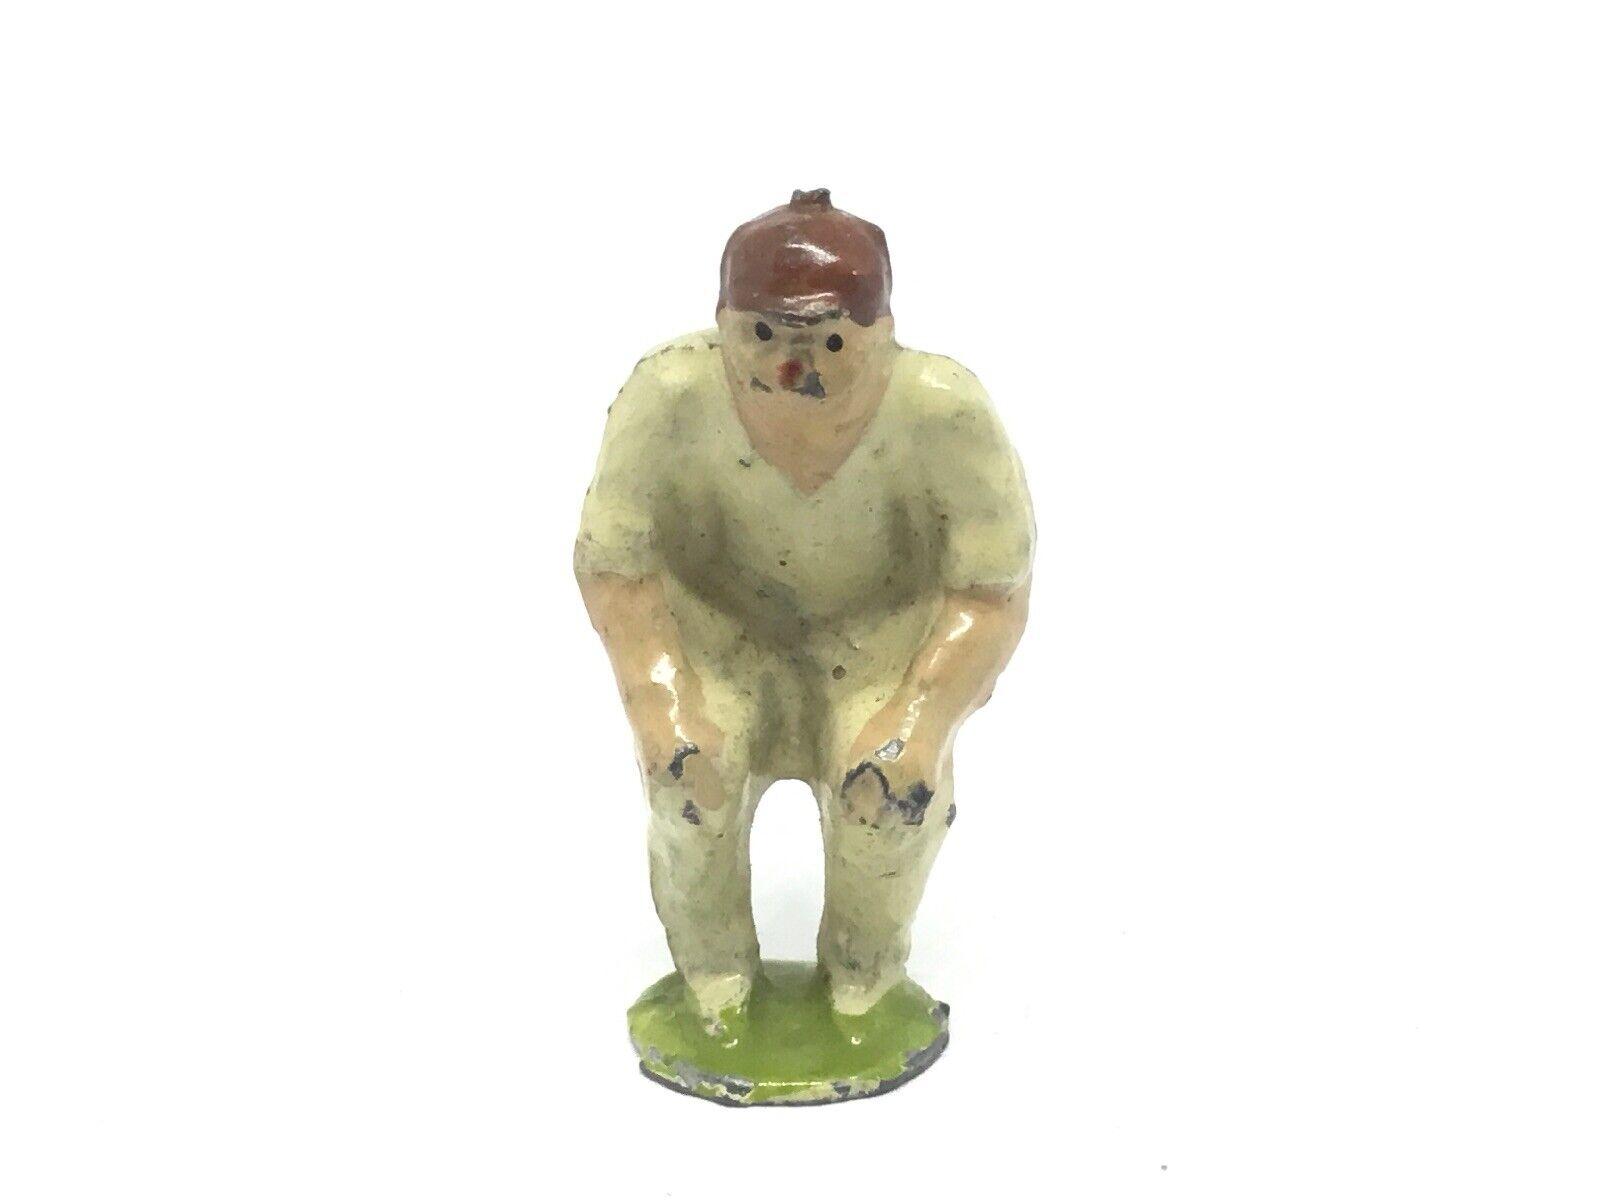 Pixyland, Cricketer Slip Fiulder (Ref W 231) Metal, Sports Figur, Round Base